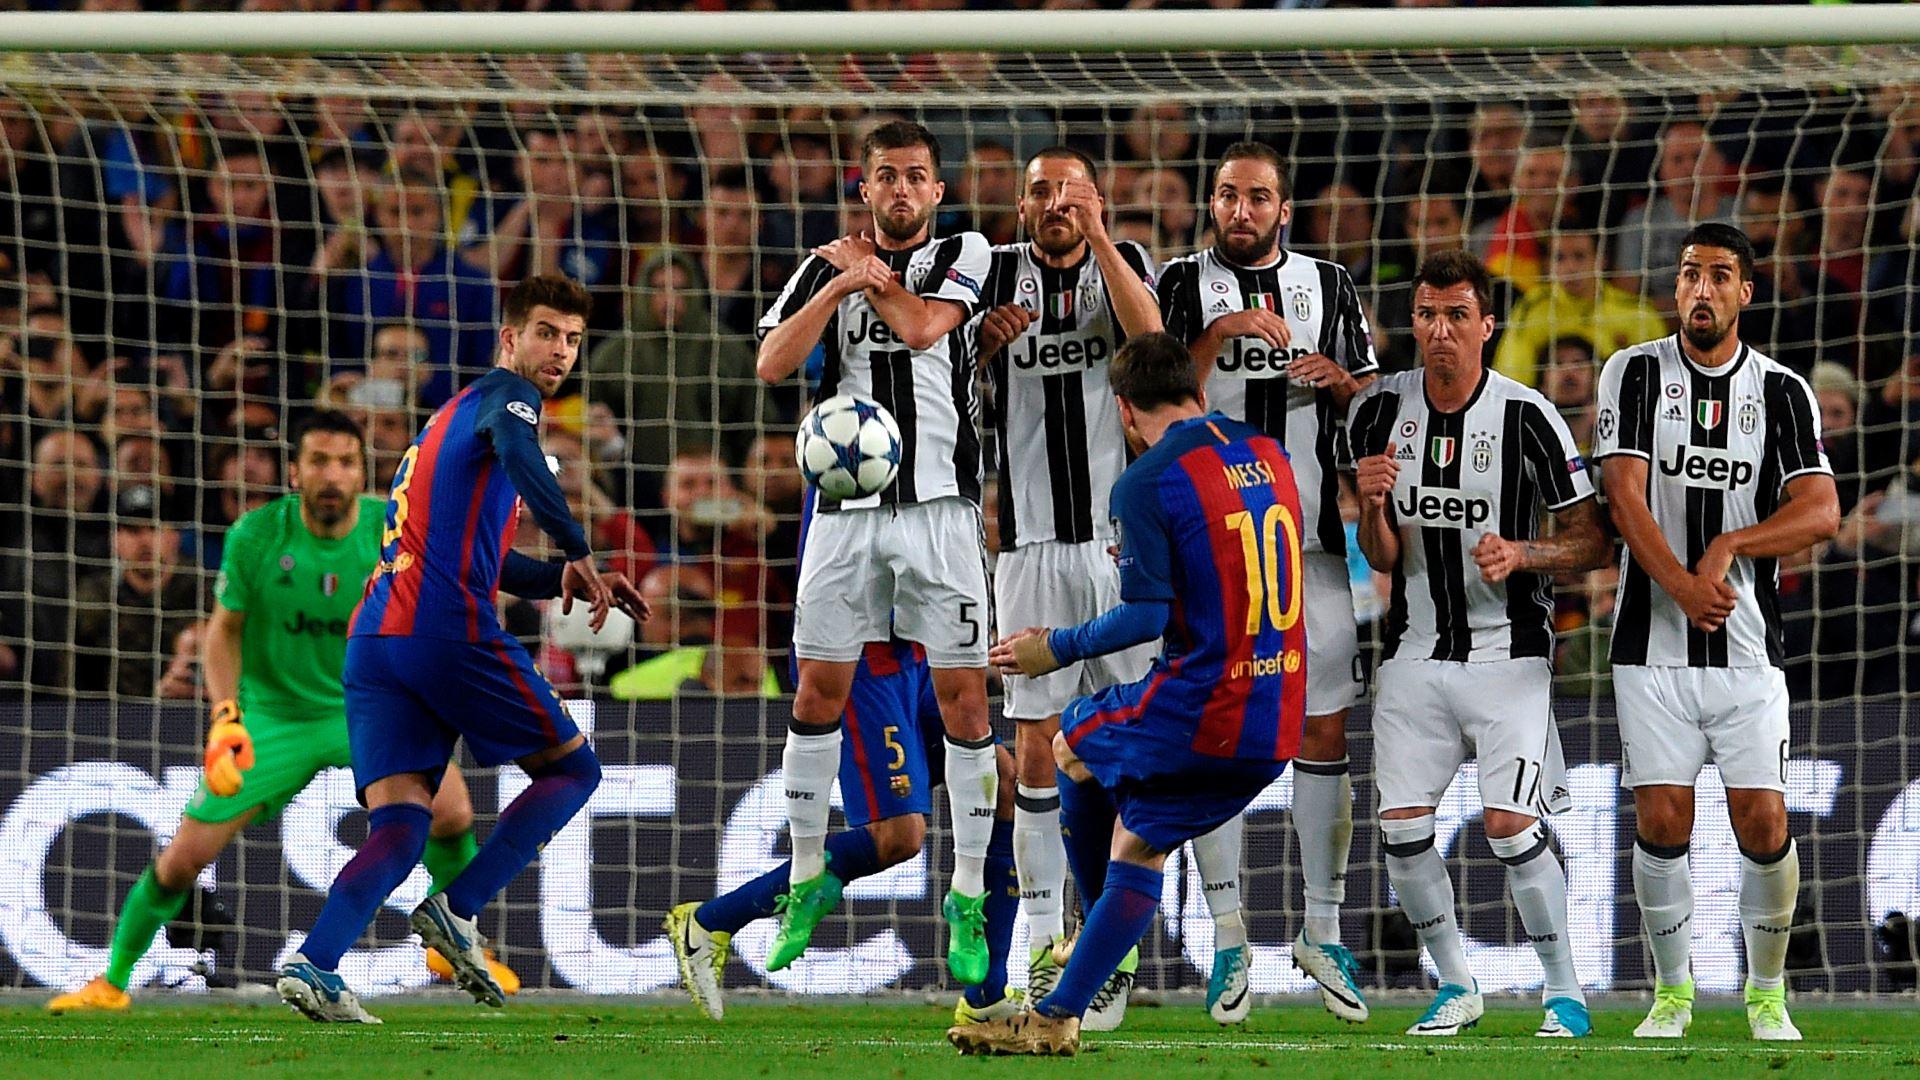 barcelone v juventus r u00e9sum u00e9 du match  19  04  2017  ligue